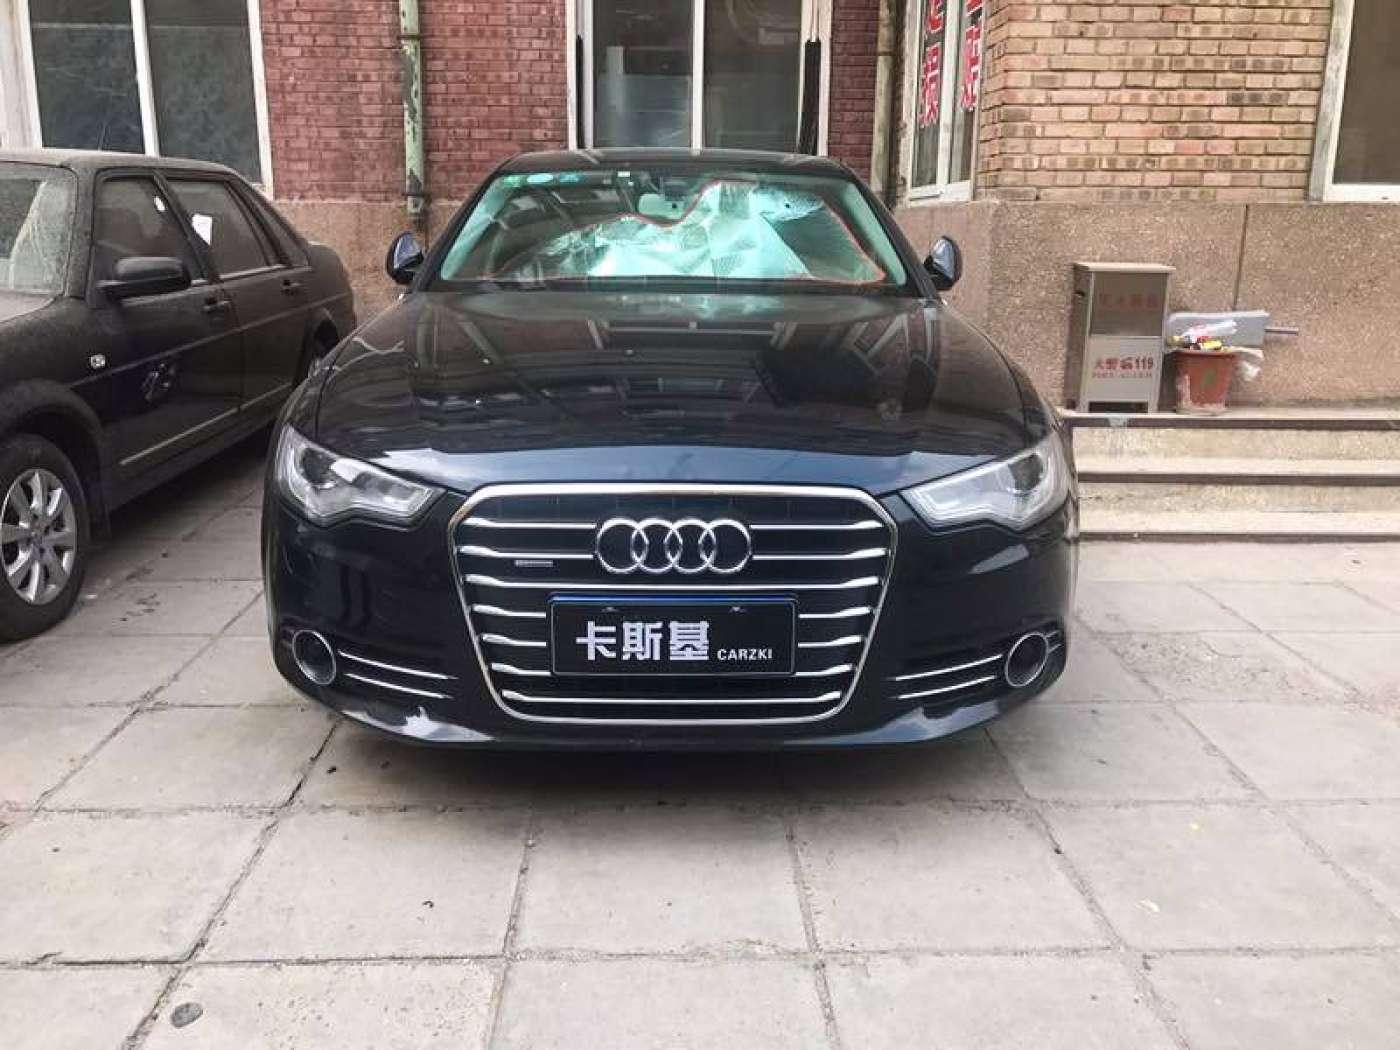 2012年07月 奥迪A6L 2012款 50 TFSI quattro 豪华型|甄选奥迪-北京卡斯基汽车服务有限公司